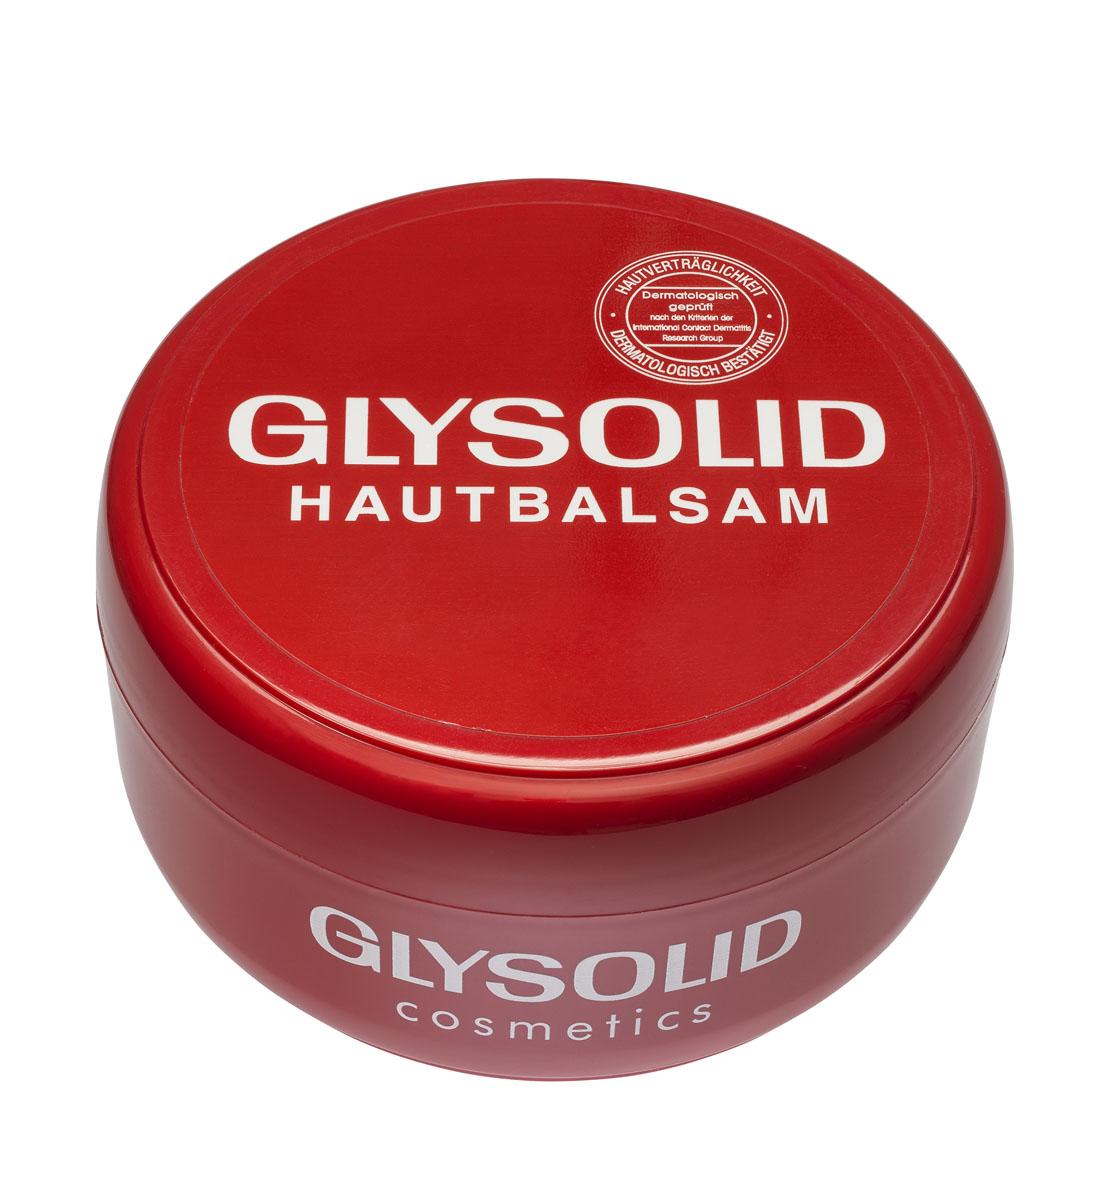 Glysolid Бальзам для кожи рук 200 мл vichy ideal body питательный бальзам для тела 200 мл для сухой и очень сухой кожи